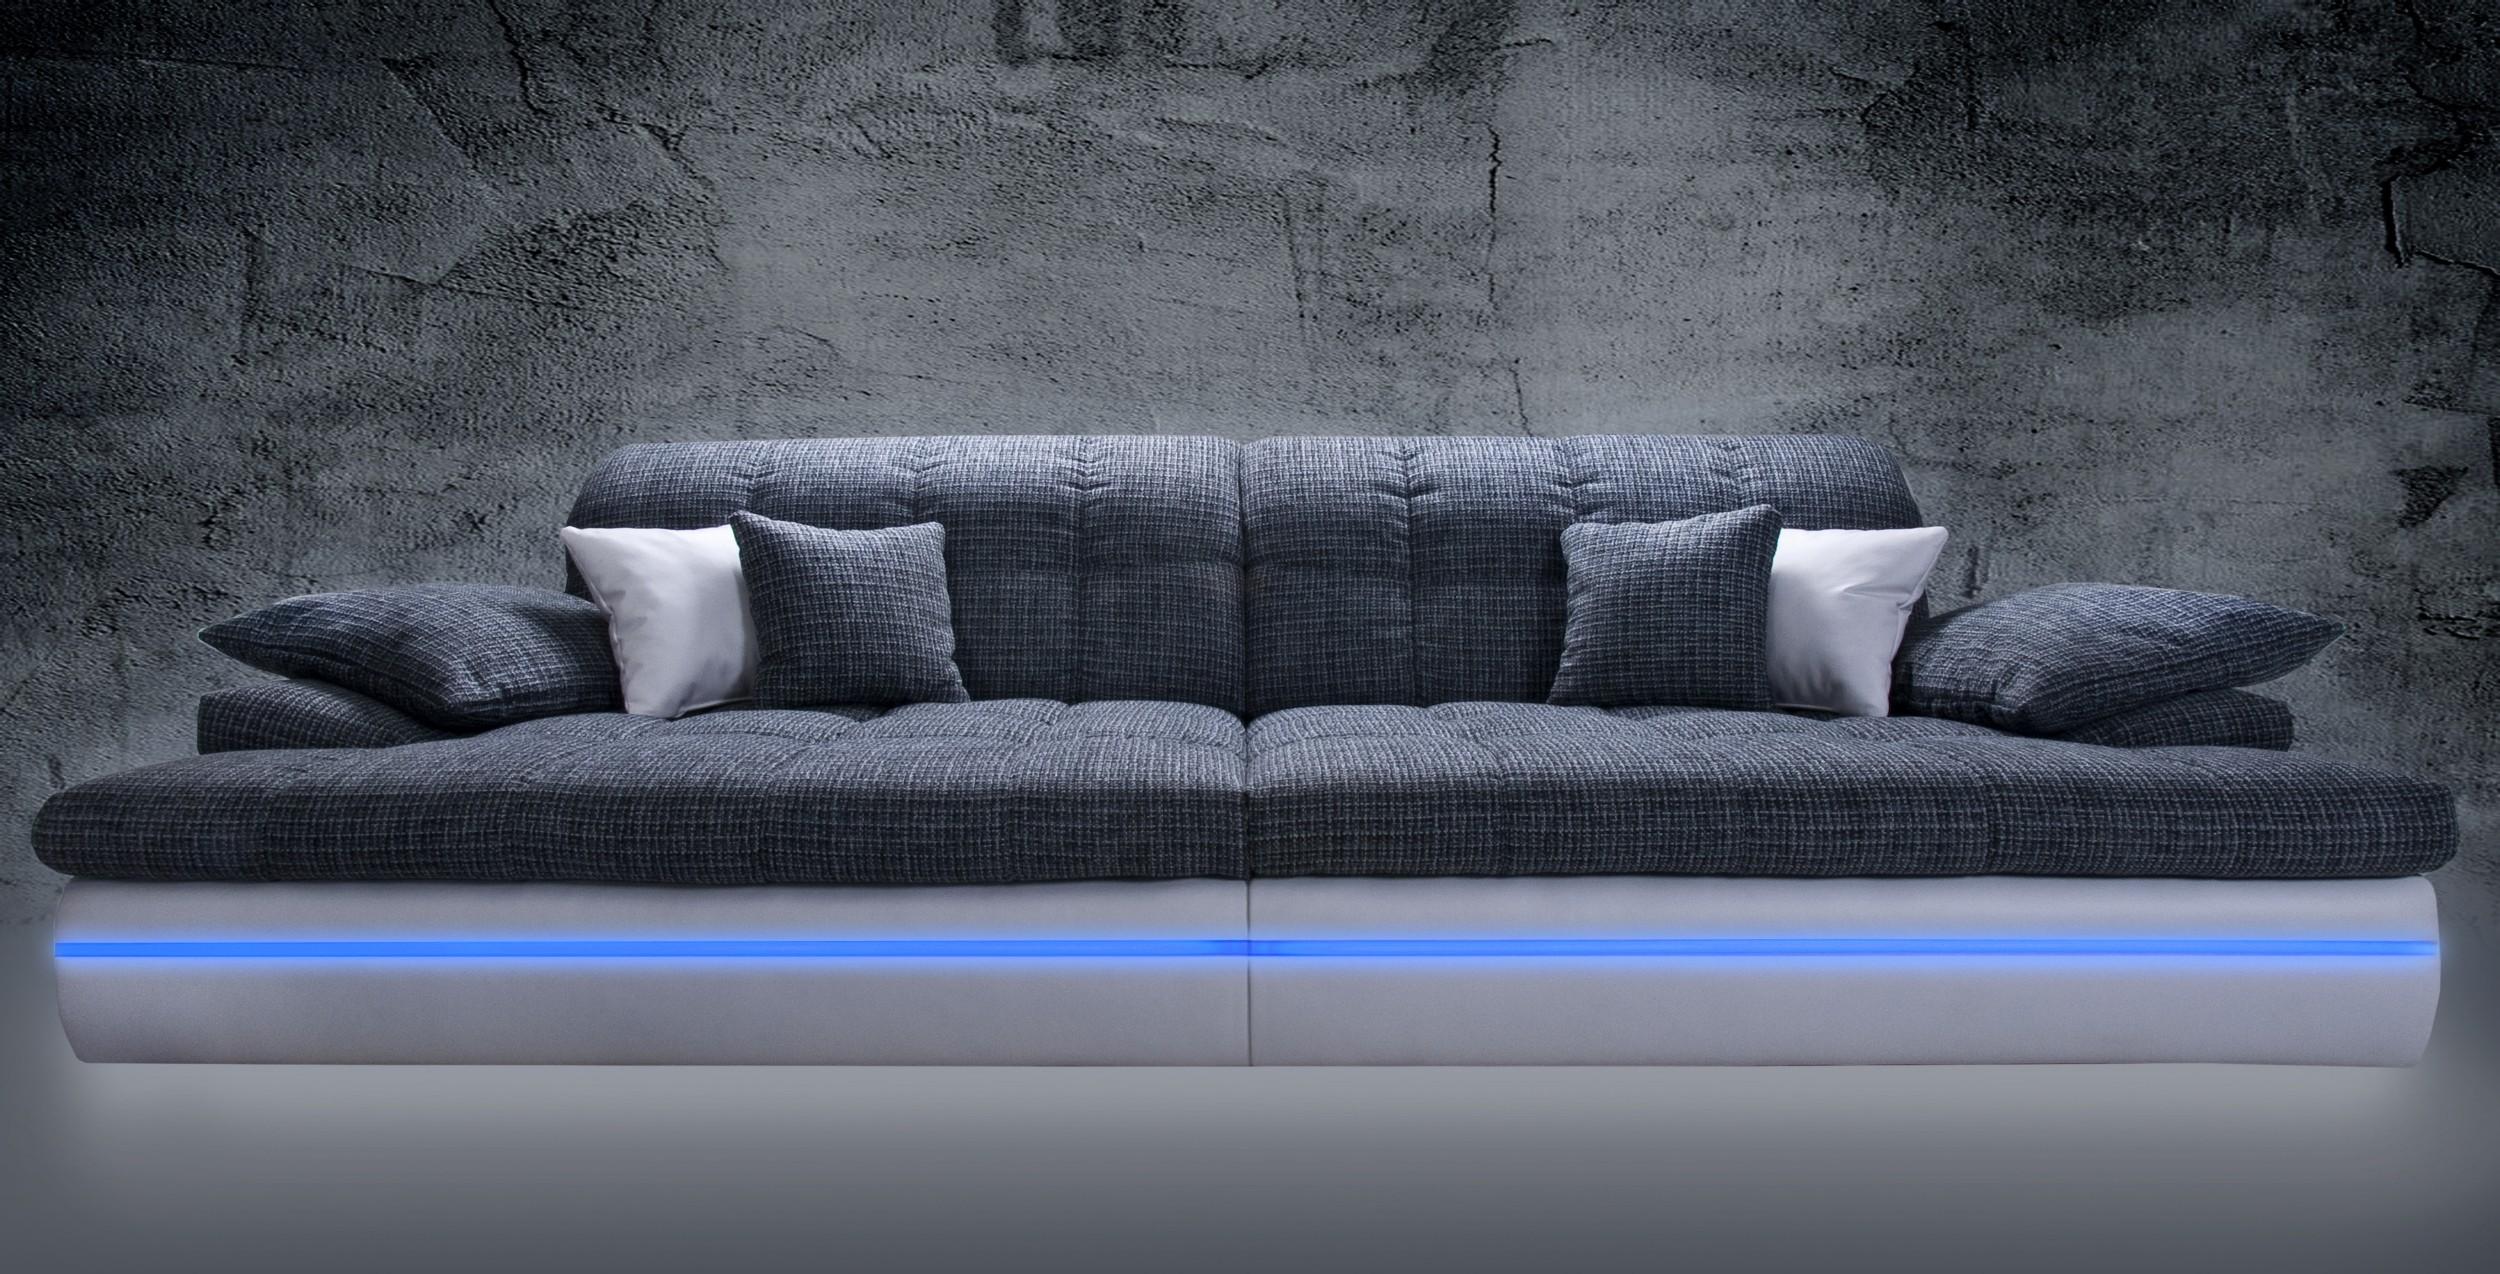 Full Size of Big Sofa Kaufen Weis Wei Grau Best Of Bild Couch Raum Und Günstige L Mit Schlaffunktion Fenster In Polen Polster Rolf Benz Xxxl Relaxfunktion Elektrisch Sofa Big Sofa Kaufen